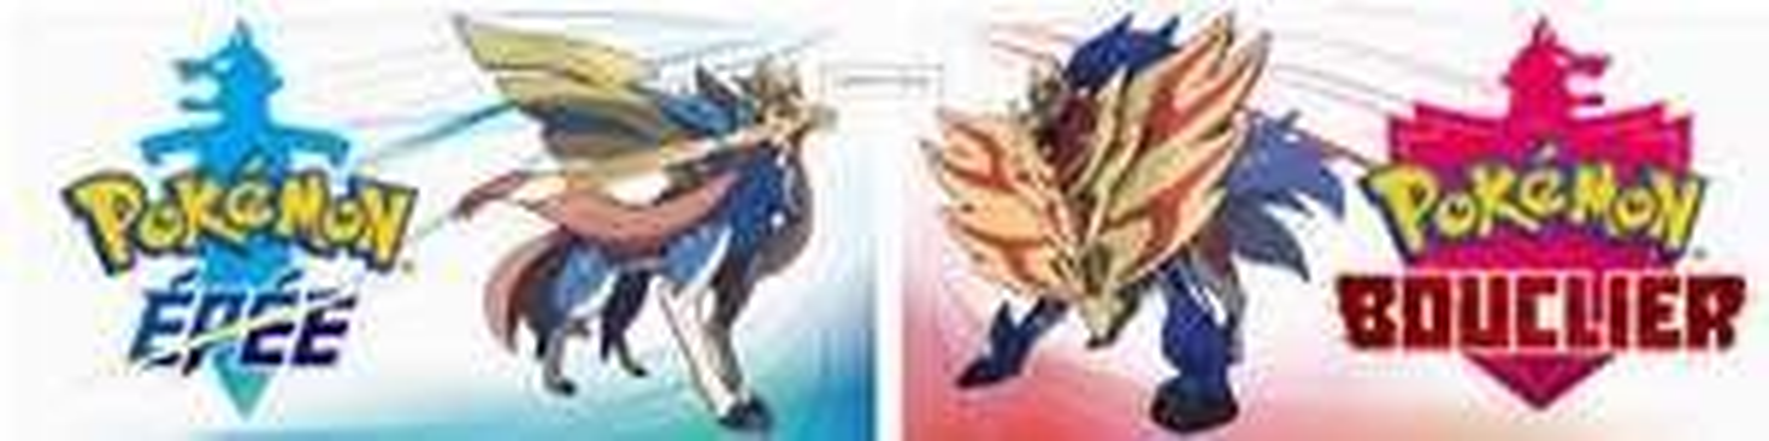 Porygon Z offert pour Pokémon Épée et Bouclier (Dématérialisé)